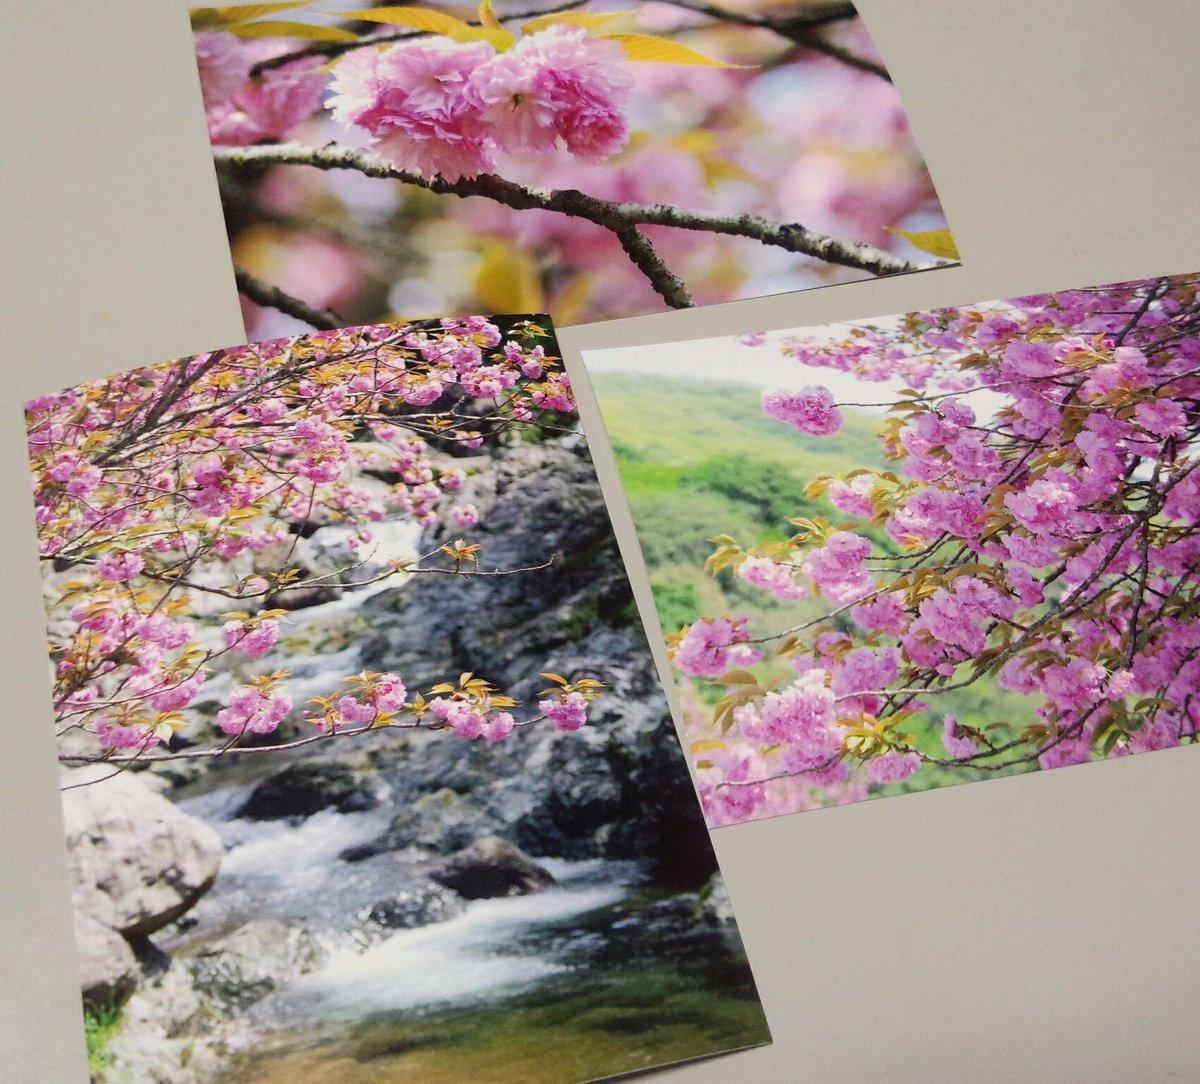 眼レフ持って行ったから撮った写真実家に送ろうと思ってプリントアウトしたの。桜だけれど、ちょっと『ガラスの仮面』に出てくる